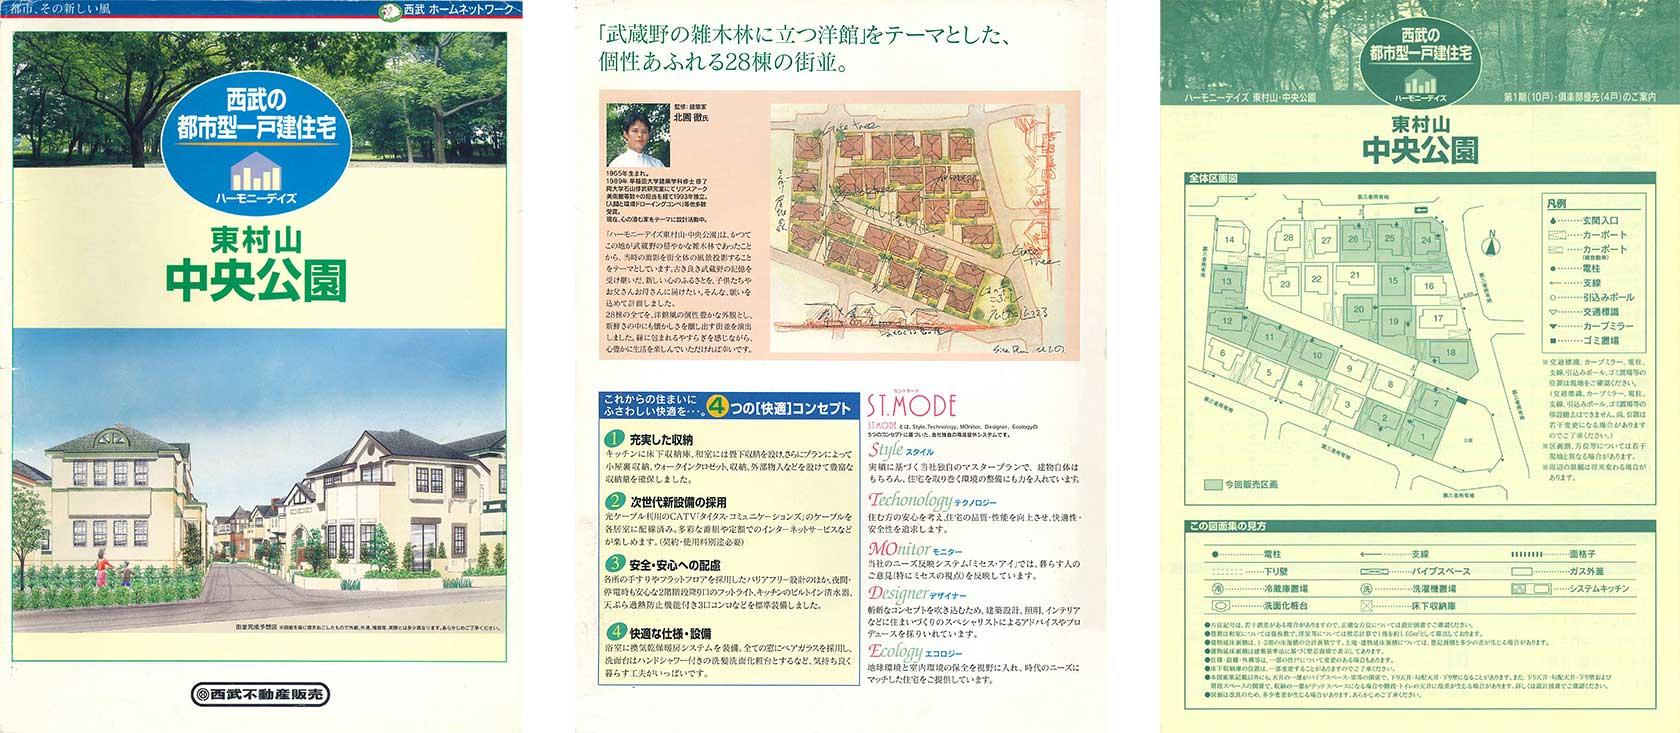 hp-分譲住宅の監修1-東村山